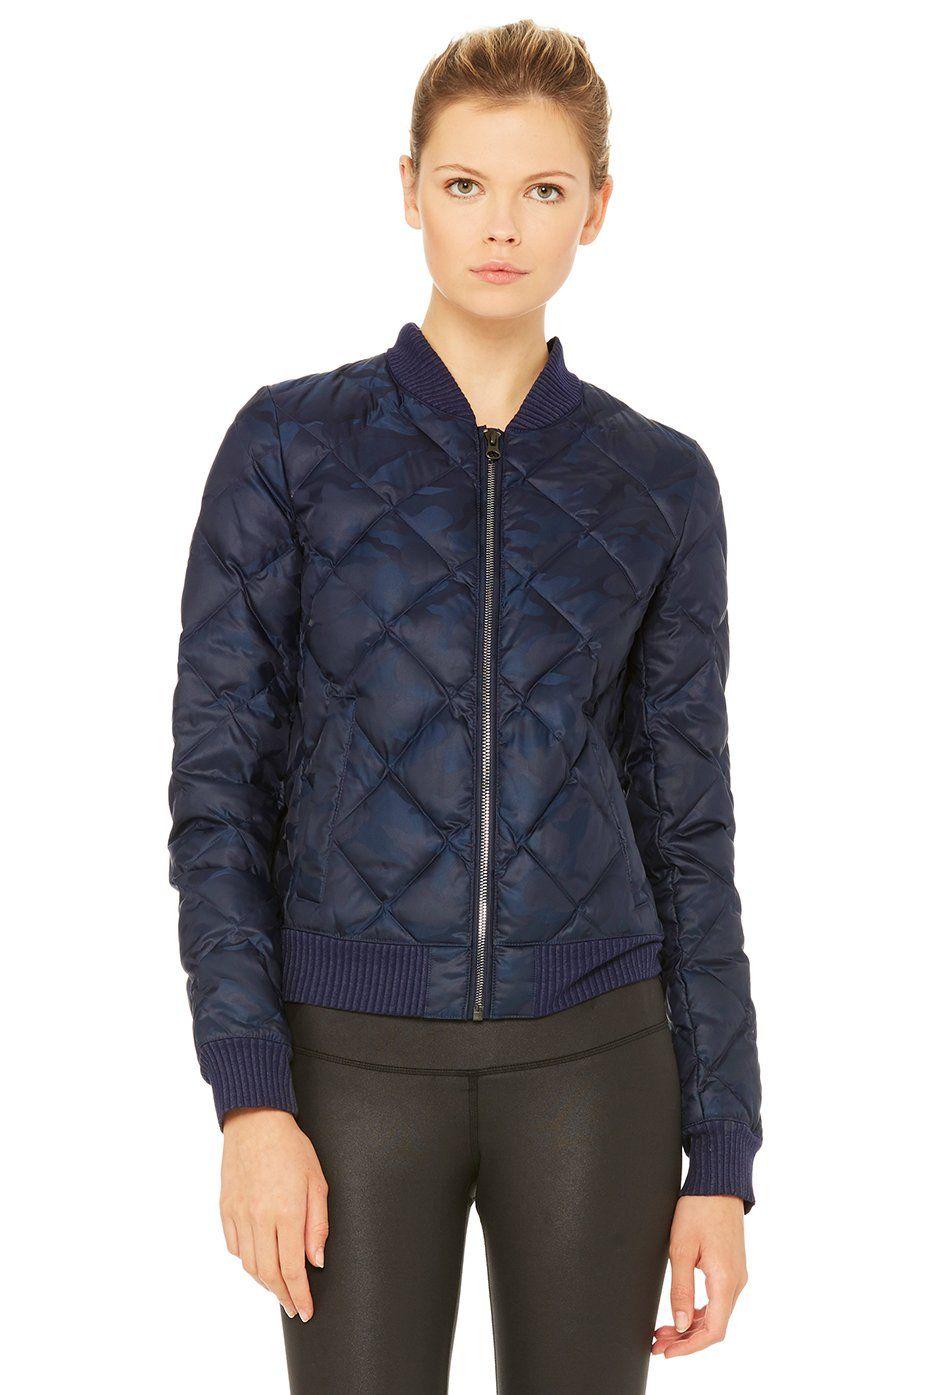 Idol Jacket Jackets, Bomber jacket women, Gamine style